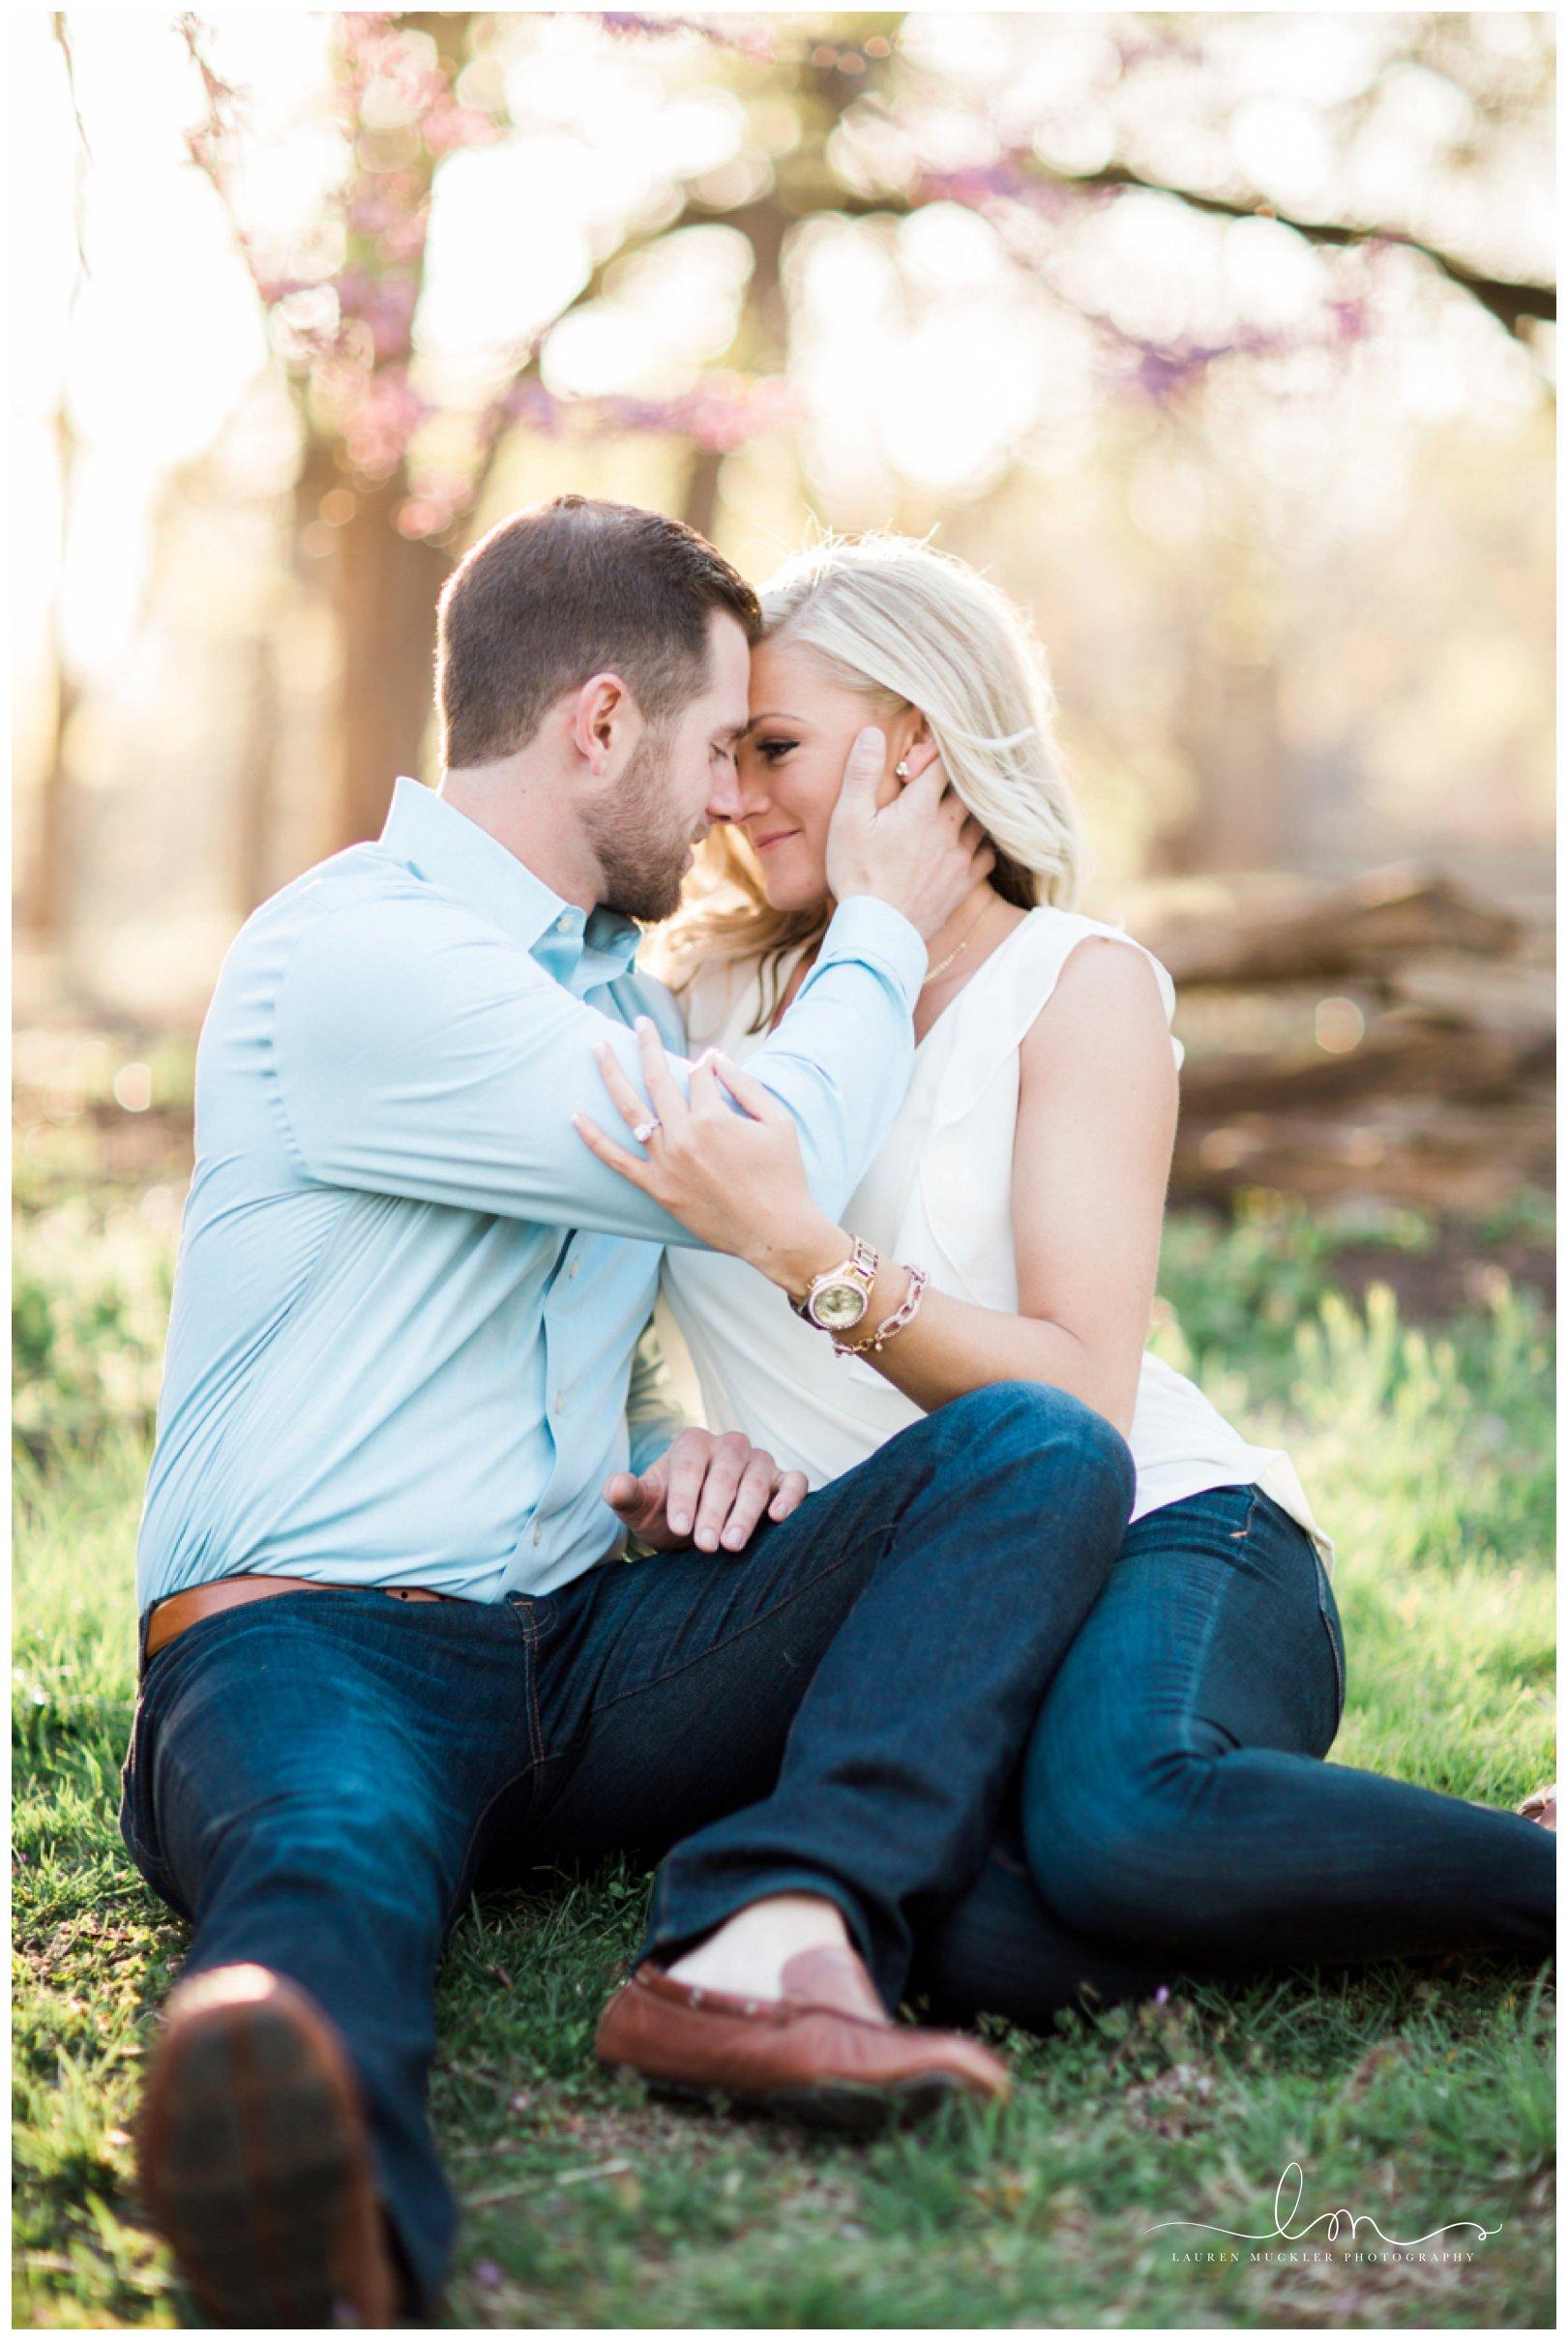 lauren muckler photography_fine art film wedding photography_st louis_photography_0107.jpg